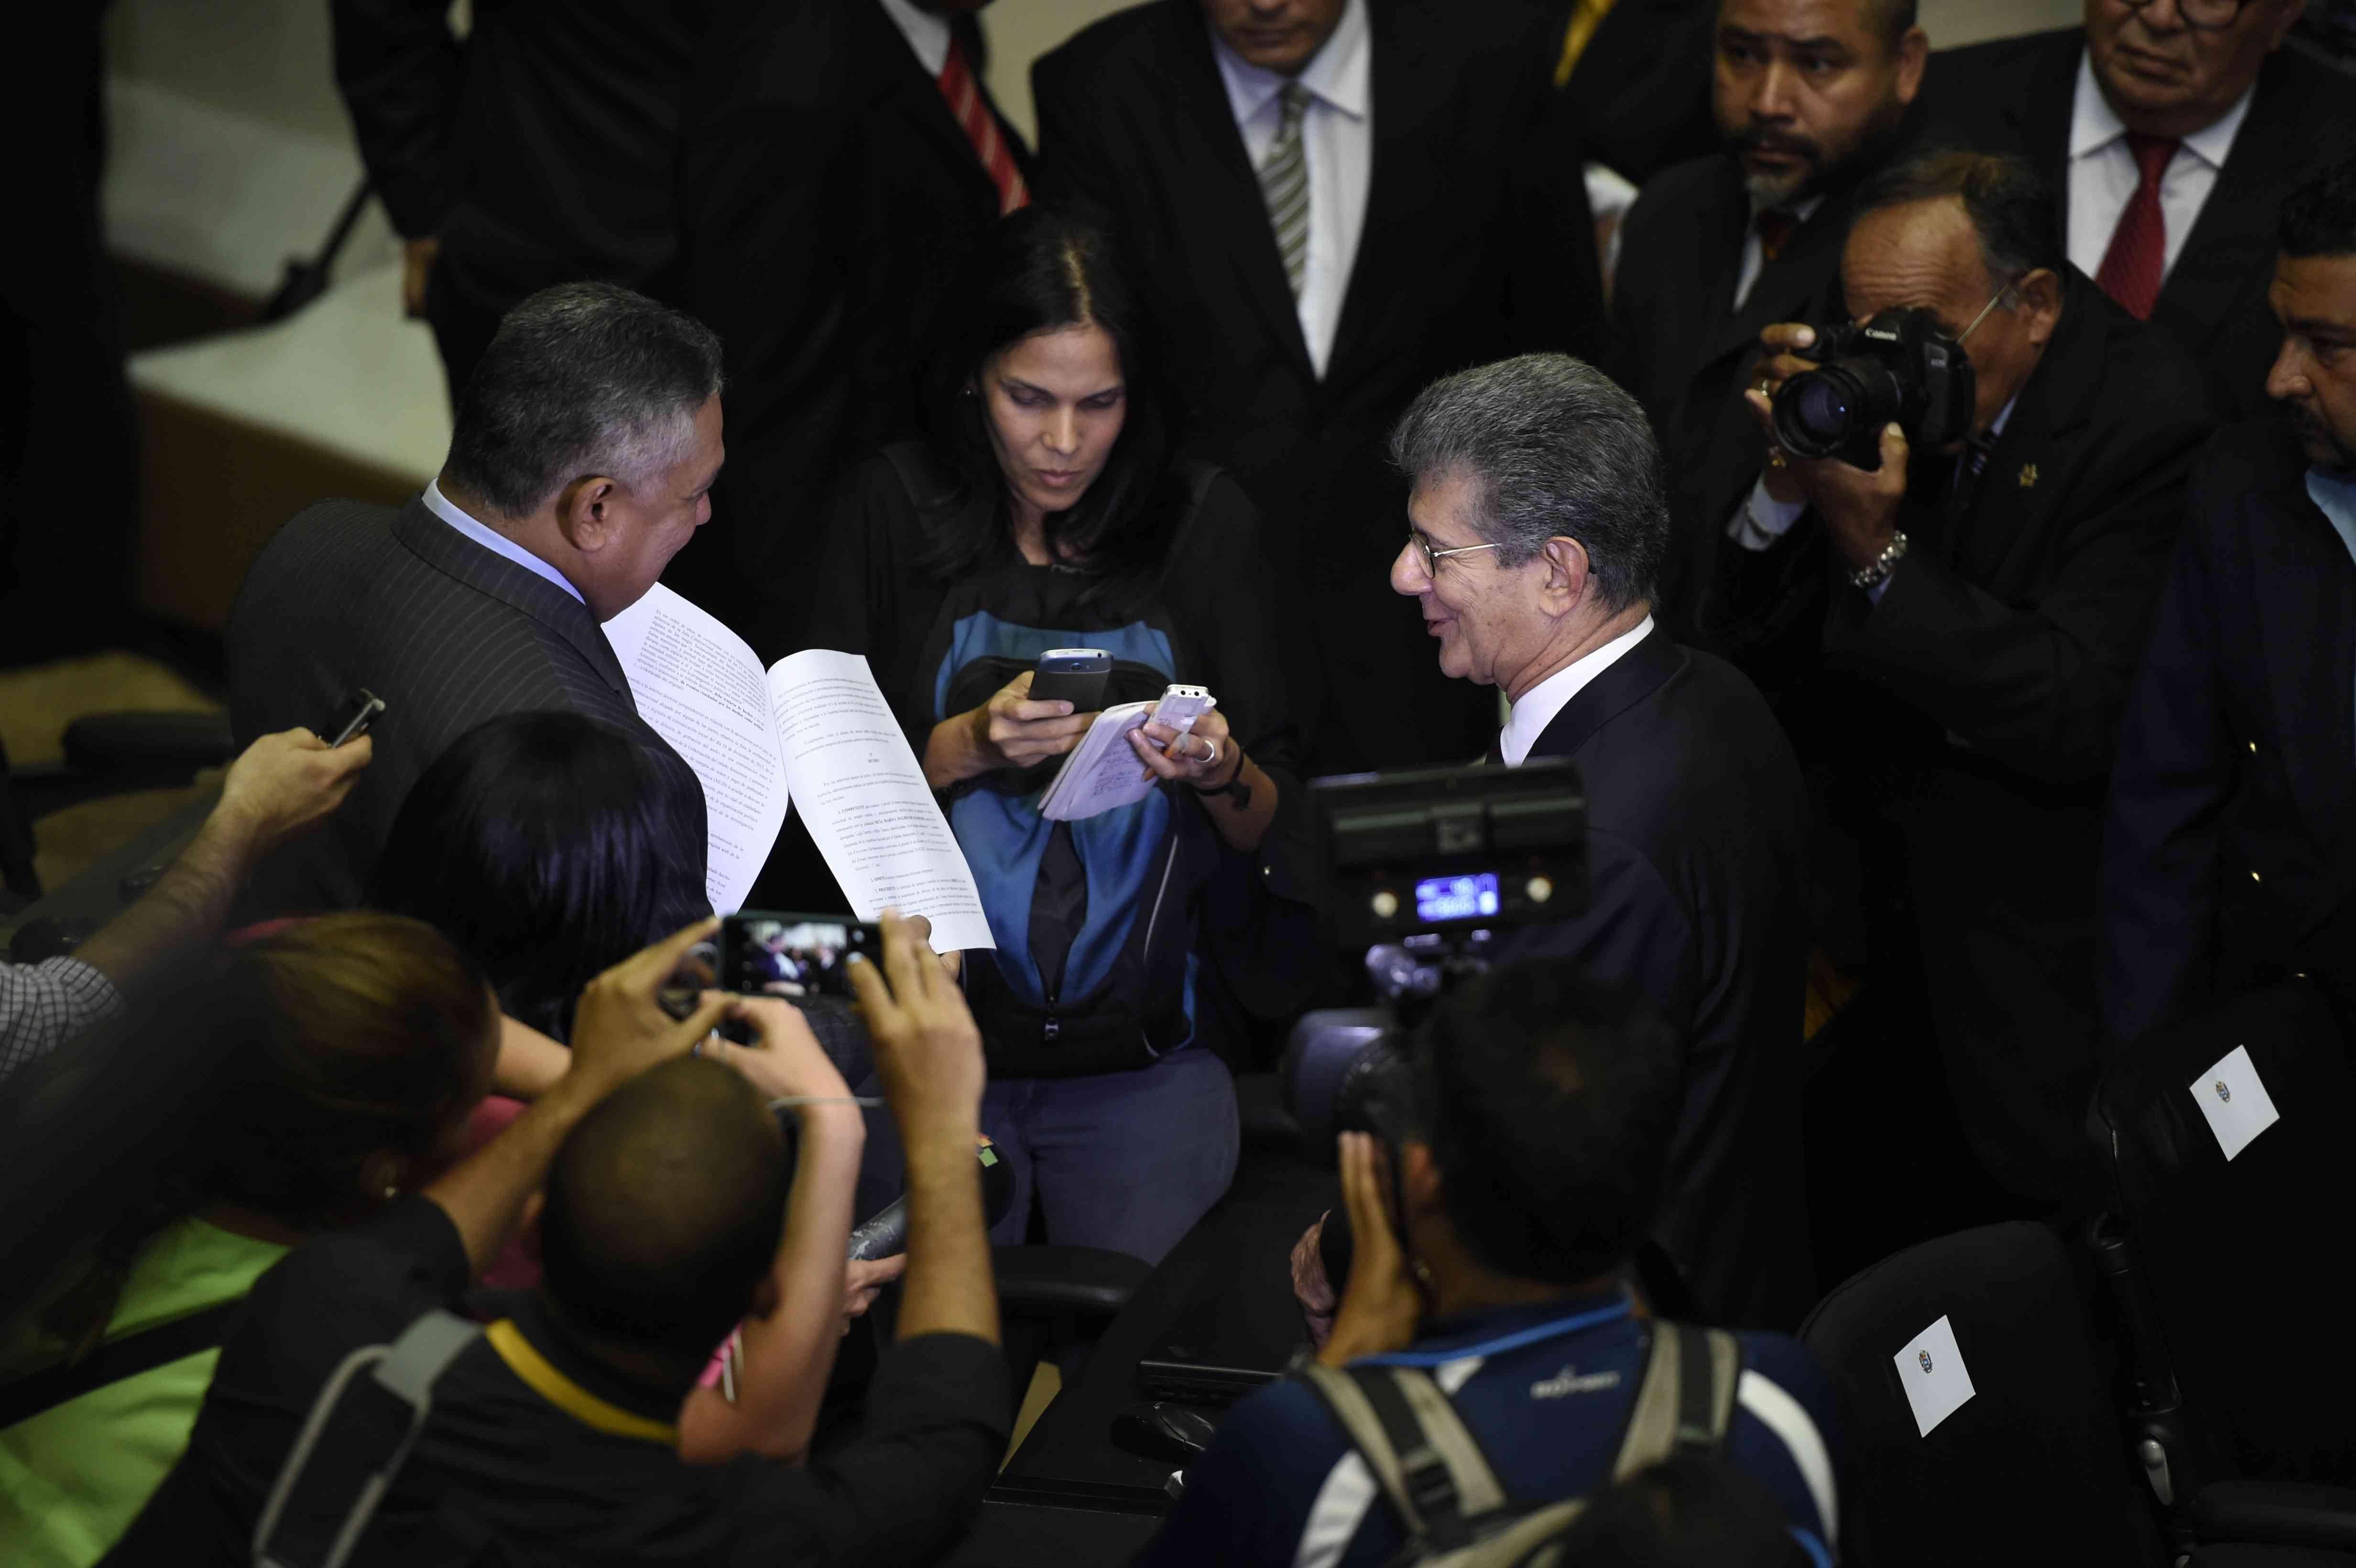 Abrirán un proceso contra el presidente del Parlamento y el gobernador de Miranda por agredir a las rectoras del CNE